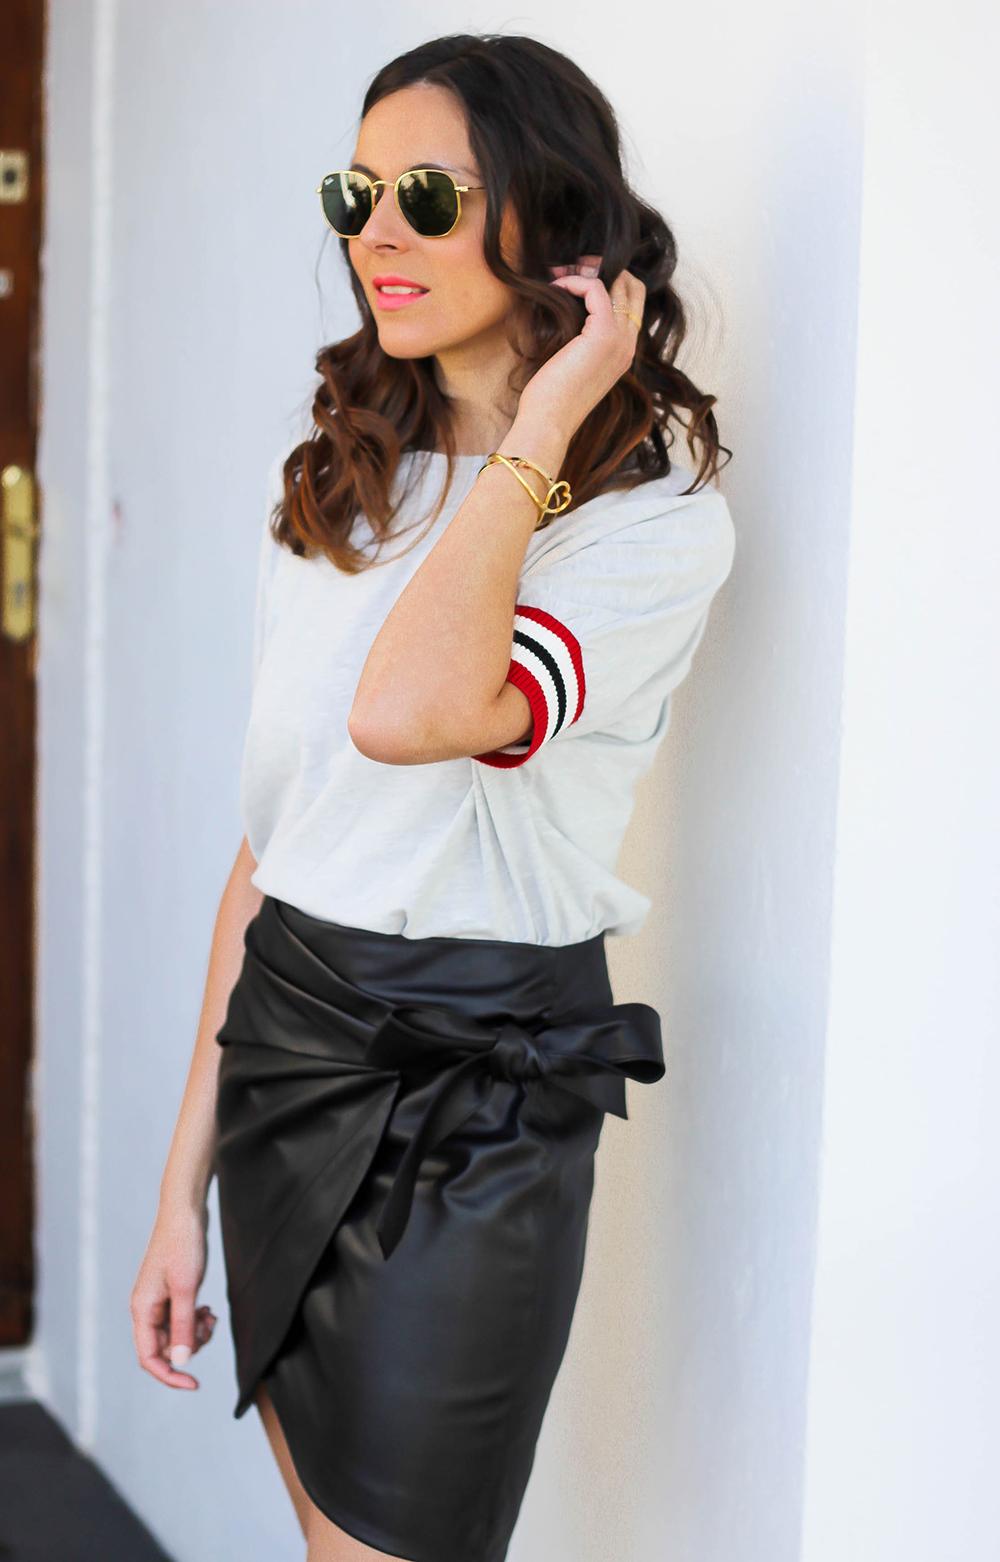 Юбка с футболкой модная